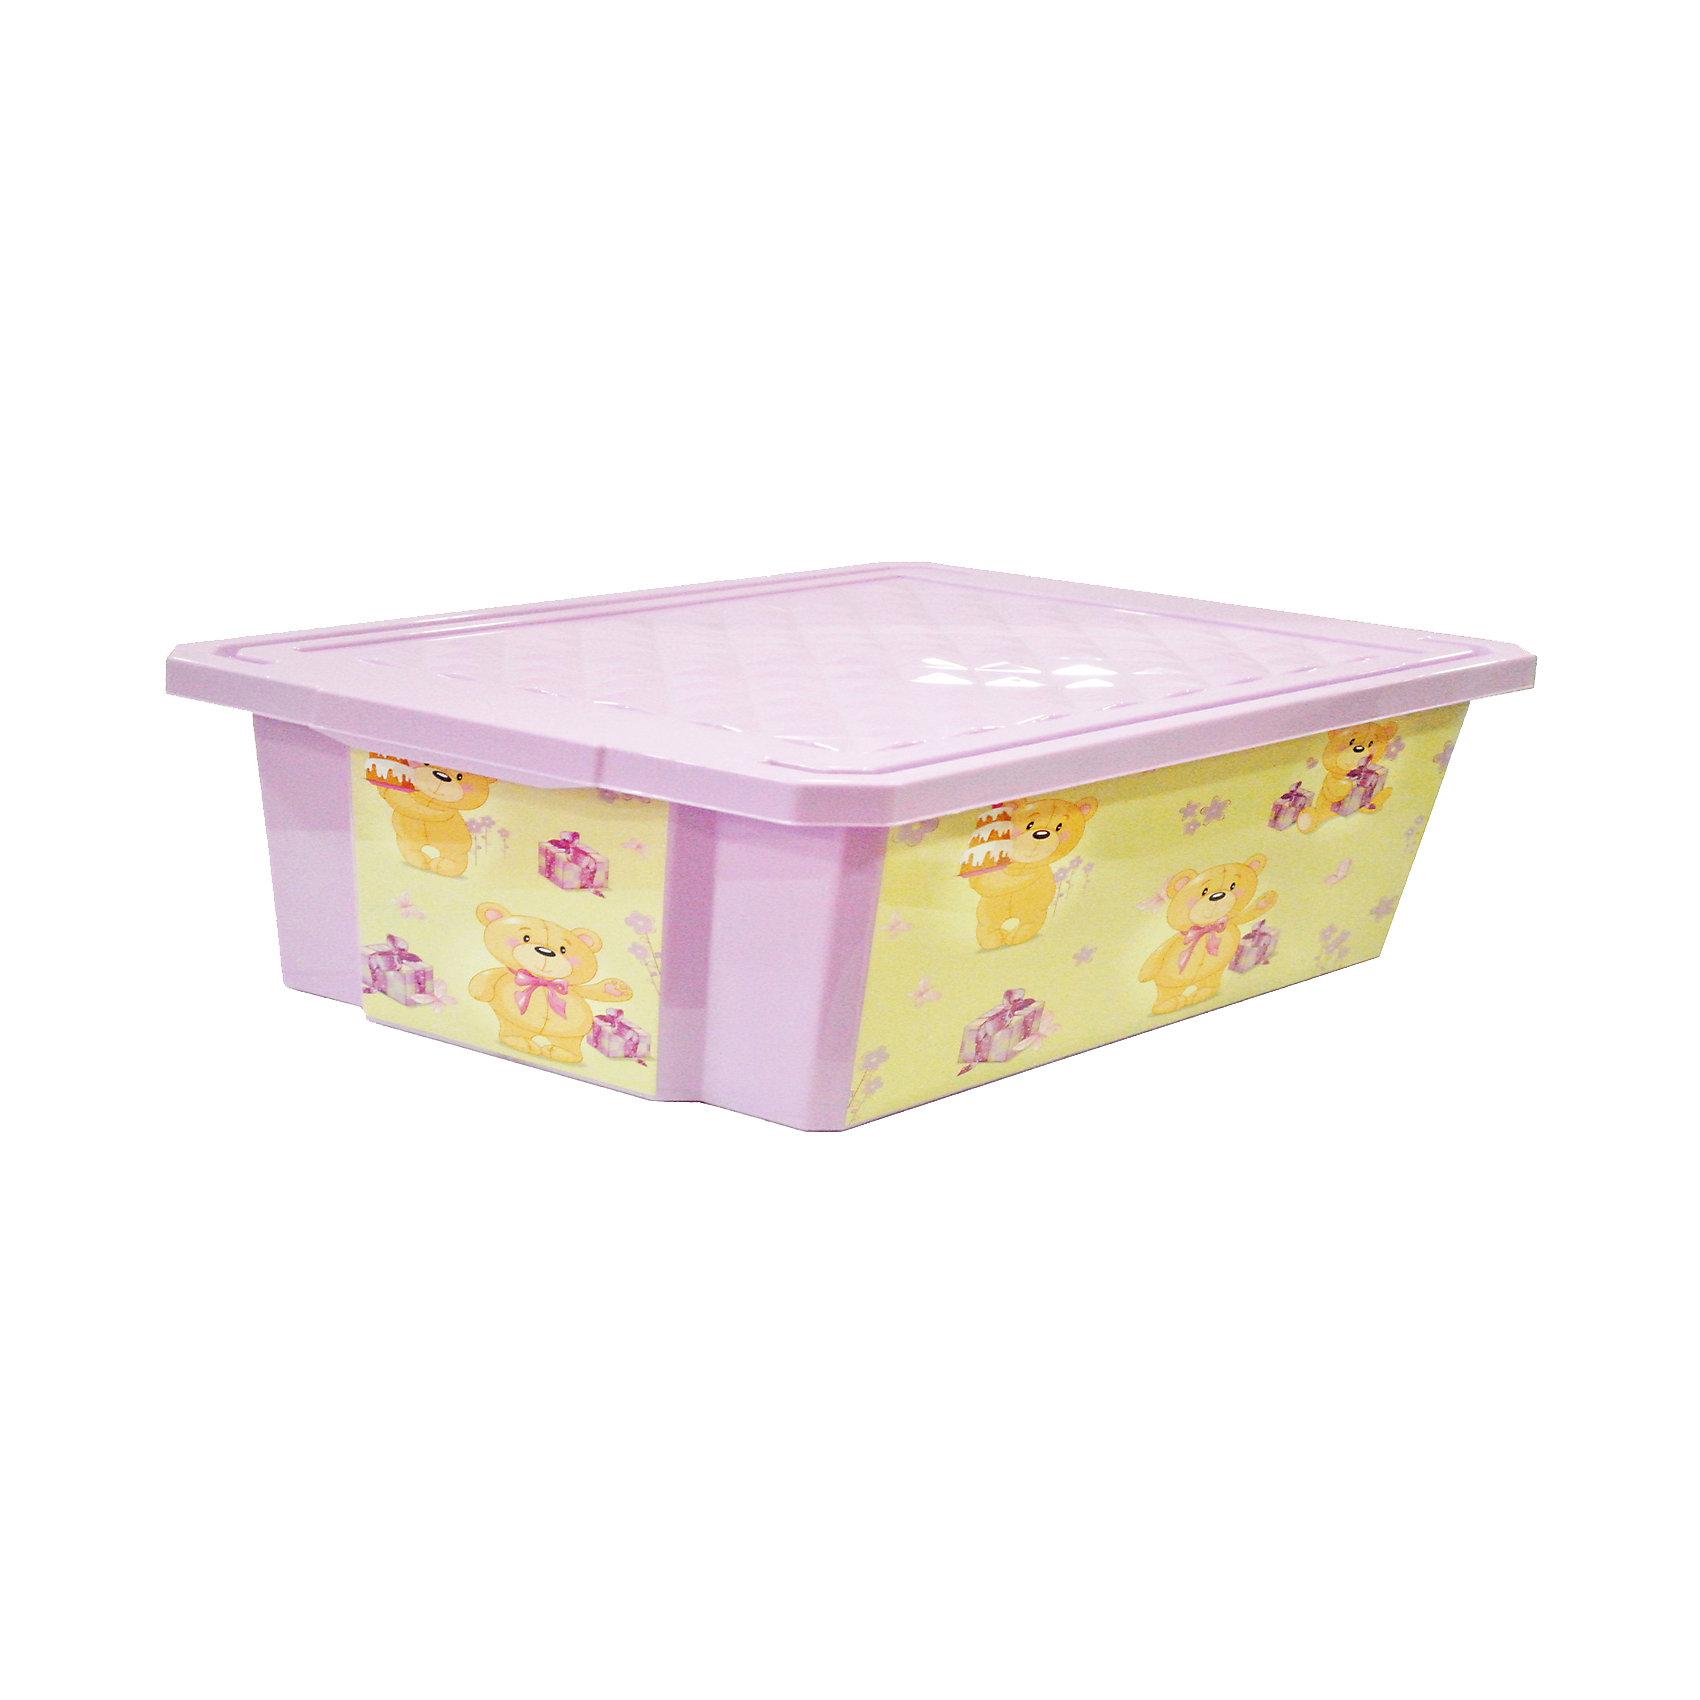 Ящик для хранения игрушек X-BOX Bears 30л, Little Angel, лавандовыйПорядок в детской<br>Ящик для хранения игрушек X-BOX Bears 30 л, Little Angel, лавандовый изготовлен отечественным производителем . Выполненный из высококачественного пластика, устойчивого к внешним повреждениям и изменению цвета, ящик станет не только необходимым предметом для хранения детских игрушек и принадлежностей, но и украсит детскую комнату своим ярким дизайном. Он выполнен лавандовом цвете, по бокам нанесены устойчивые к повреждению изображения медвежат. Ящик оснащен крышкой, что защитит хранящиеся в нем предметы от пыли. <br>Ящик для хранения игрушек X-BOX Bears, Little Angel, лавандовый достаточно прост в уходе, его можно протирать влажной губкой или мыть в теплой воде. <br><br>Дополнительная информация:<br><br>- Предназначение: для дома<br>- Цвет: лавандовый, розовый<br>- Пол: для девочки<br>- Материал: пластик<br>- Размер (Д*Ш*В): 61*40,5*19,3 см<br>- Объем: 30 л<br>- Особенности ухода: разрешается мыть теплой водой<br><br>Подробнее:<br><br>• Для детей в возрасте: от 2 лет и до 7 лет<br>• Страна производитель: Россия<br>• Торговый бренд: Little Angel<br><br>Ящик для хранения игрушек X-BOX Bears 30 л на колесах, Little Angel, лавандовый можно купить в нашем интернет-магазине.<br><br>Ширина мм: 610<br>Глубина мм: 405<br>Высота мм: 193<br>Вес г: 1314<br>Возраст от месяцев: 24<br>Возраст до месяцев: 84<br>Пол: Унисекс<br>Возраст: Детский<br>SKU: 4881780